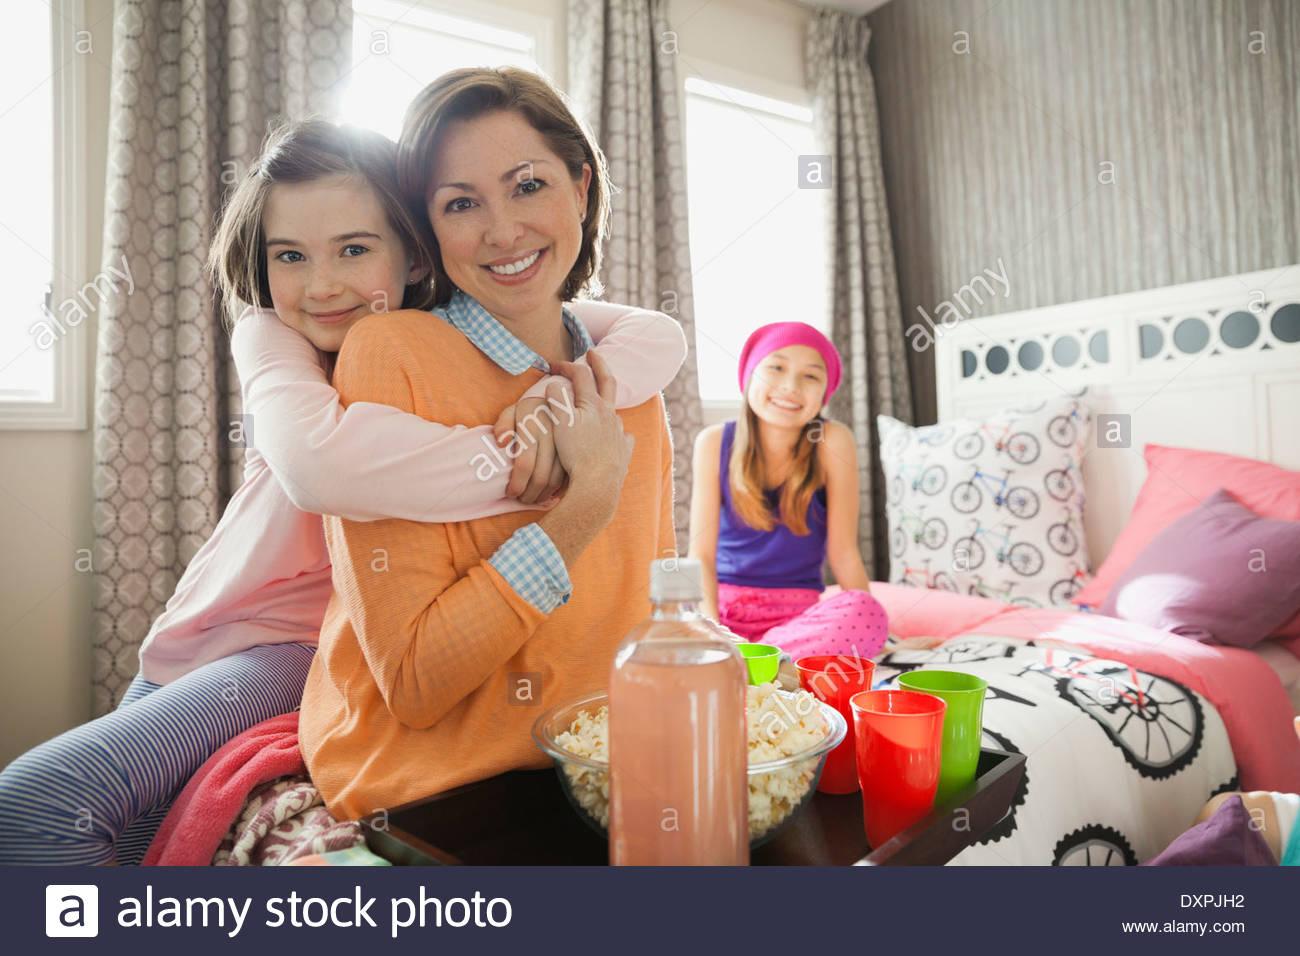 Ritratto della figlia abbracciando la madre a slumber party Immagini Stock